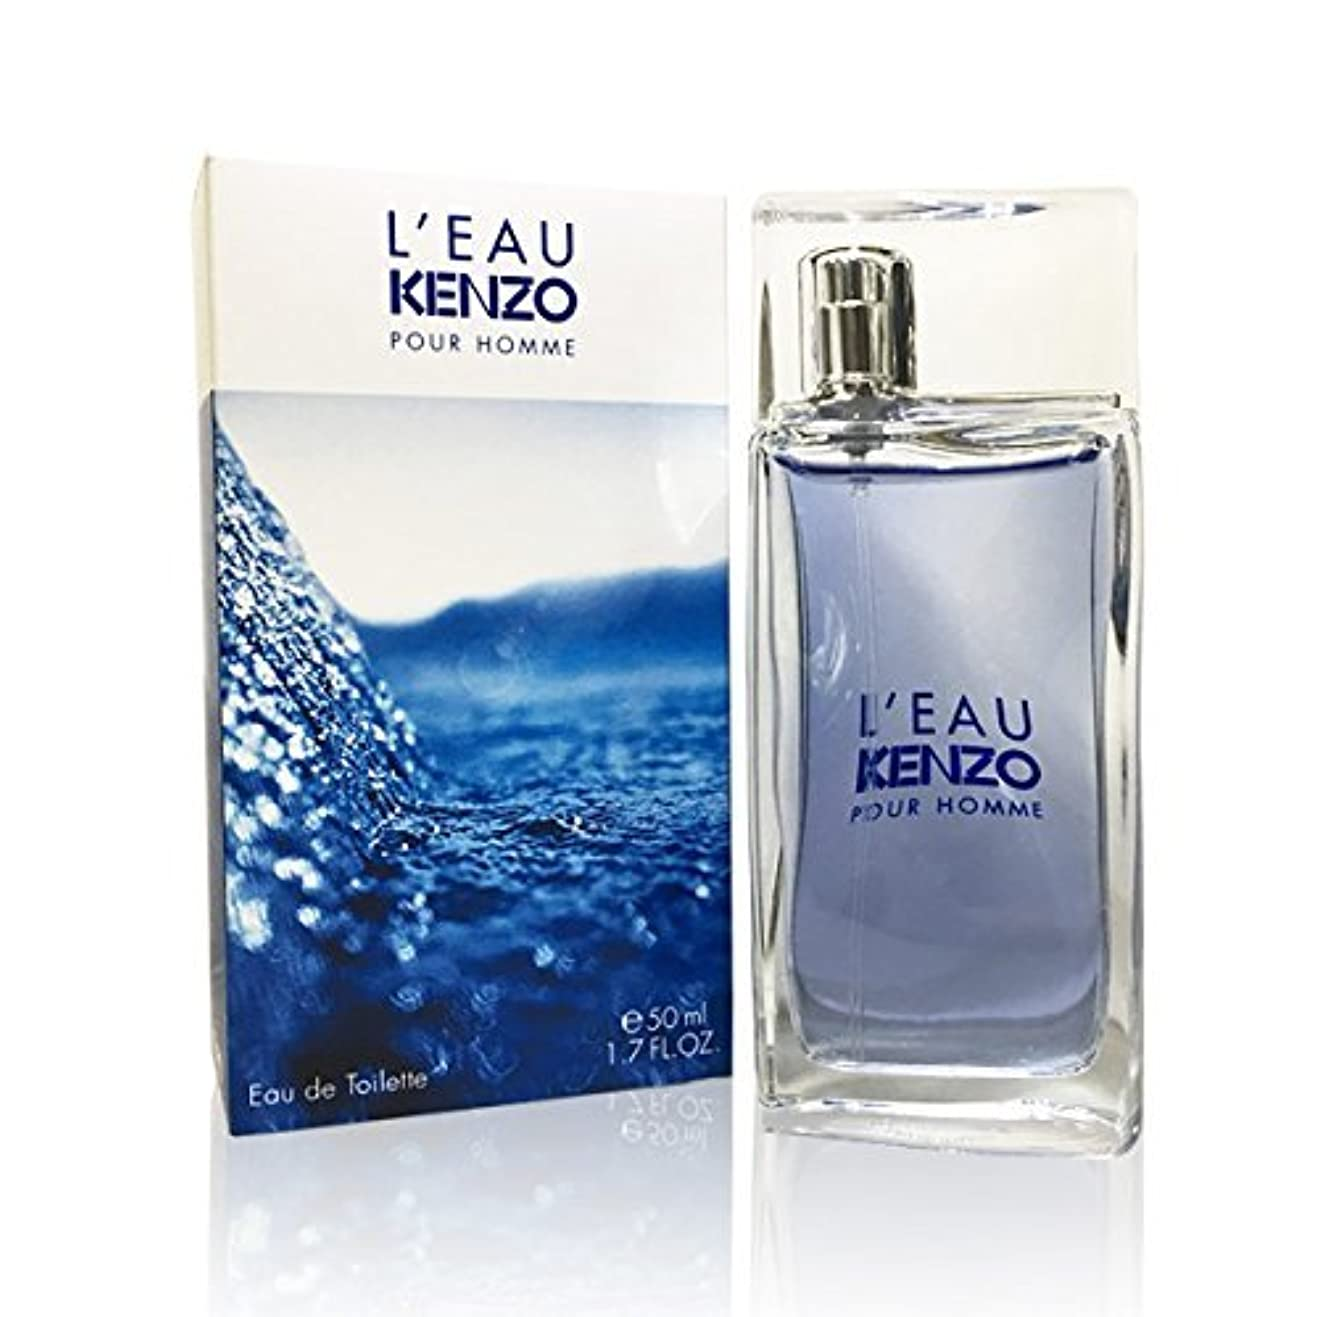 【ケンゾー 香水】ローパ ケンゾー プールオム 100ML (新ボトル) 【並行輸入品】